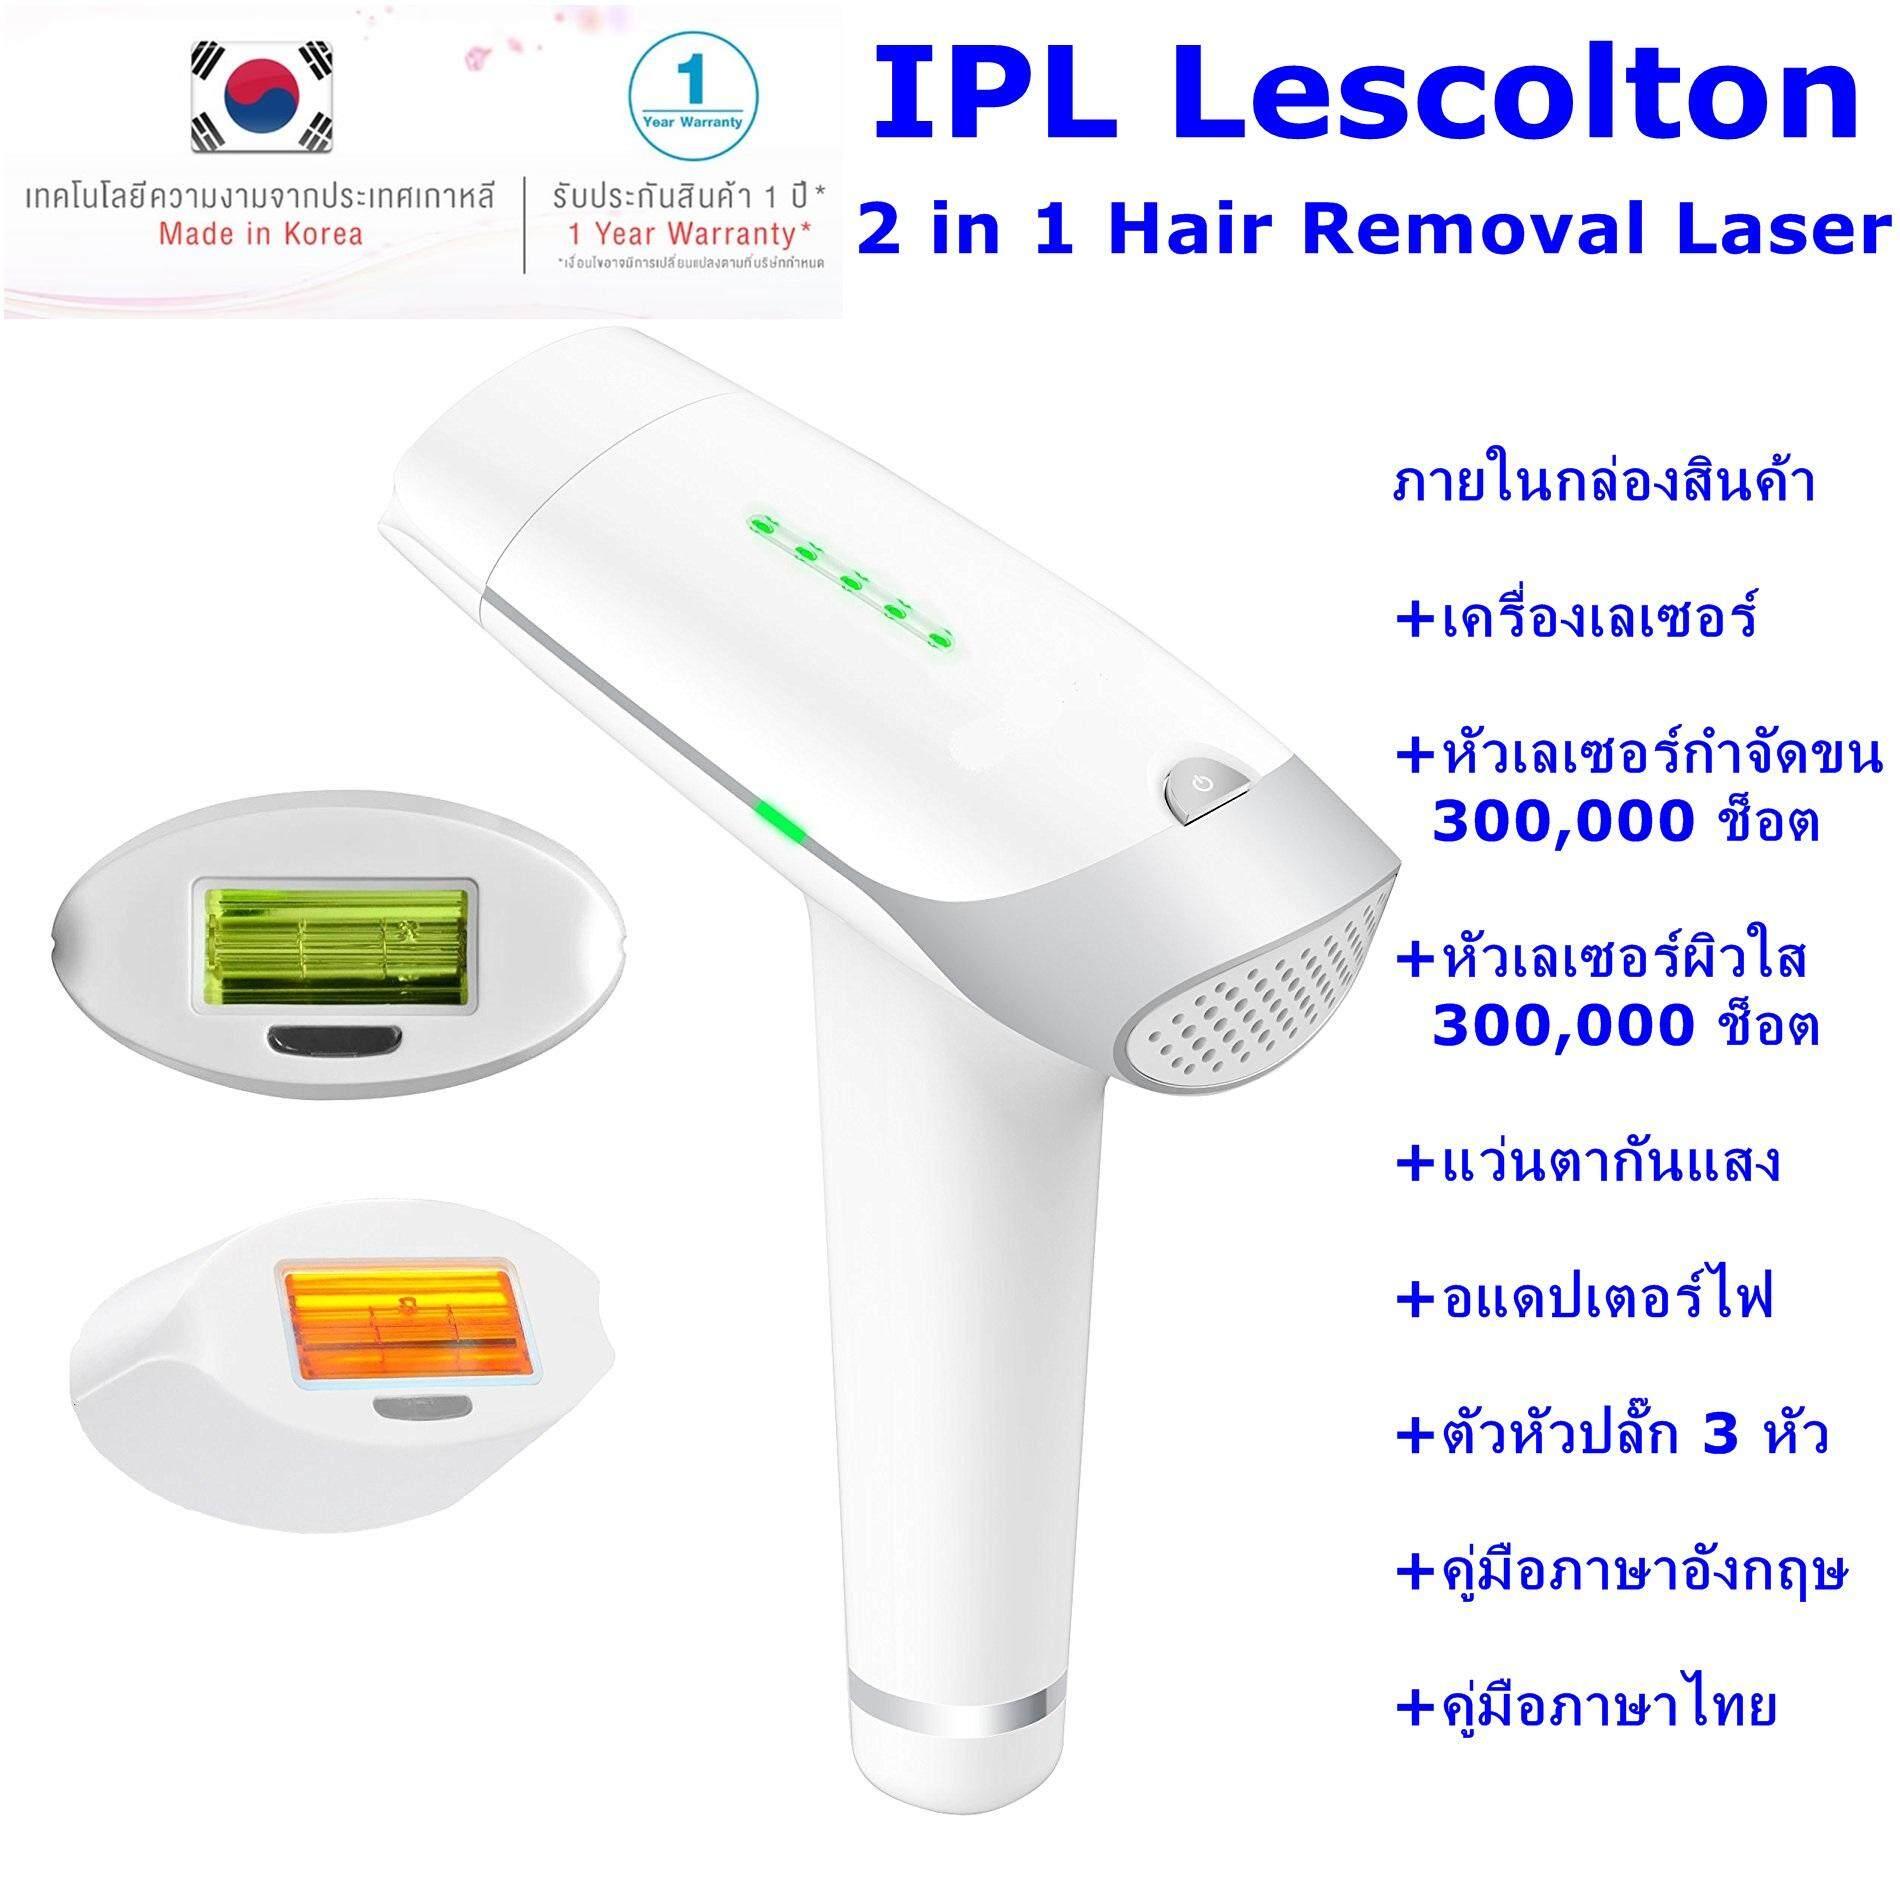 เลเซอร์กำจัดขนถาวร เลเซอร์หน้าใส IPL Lescolton 2in1 แท้ 100% + ฟื้นฟูสภาพผิว,กระตุ้นคอลลาเจน  Lazada.com รับประกัน 1 ปี (ระวังสินค้าเลียนแบบ) Pantip